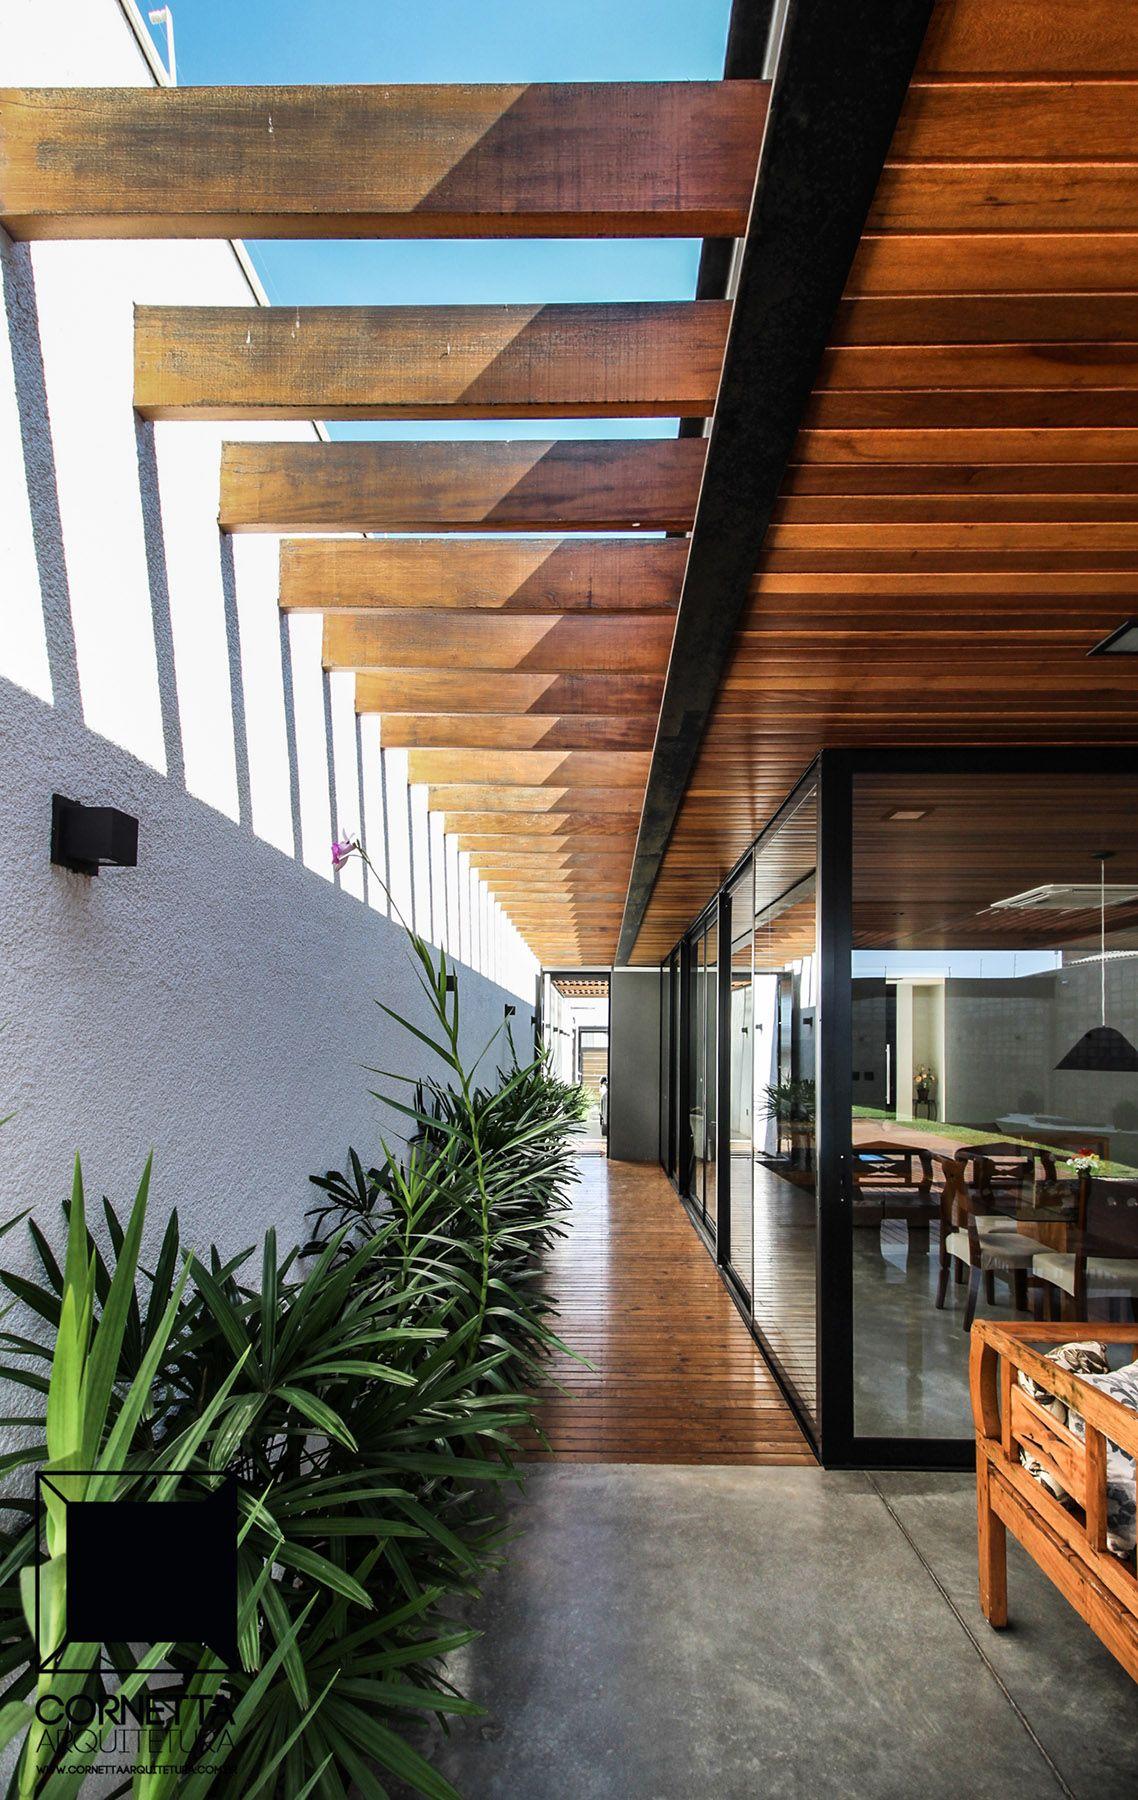 Casa ats pinterest architectuur huizen en bouw